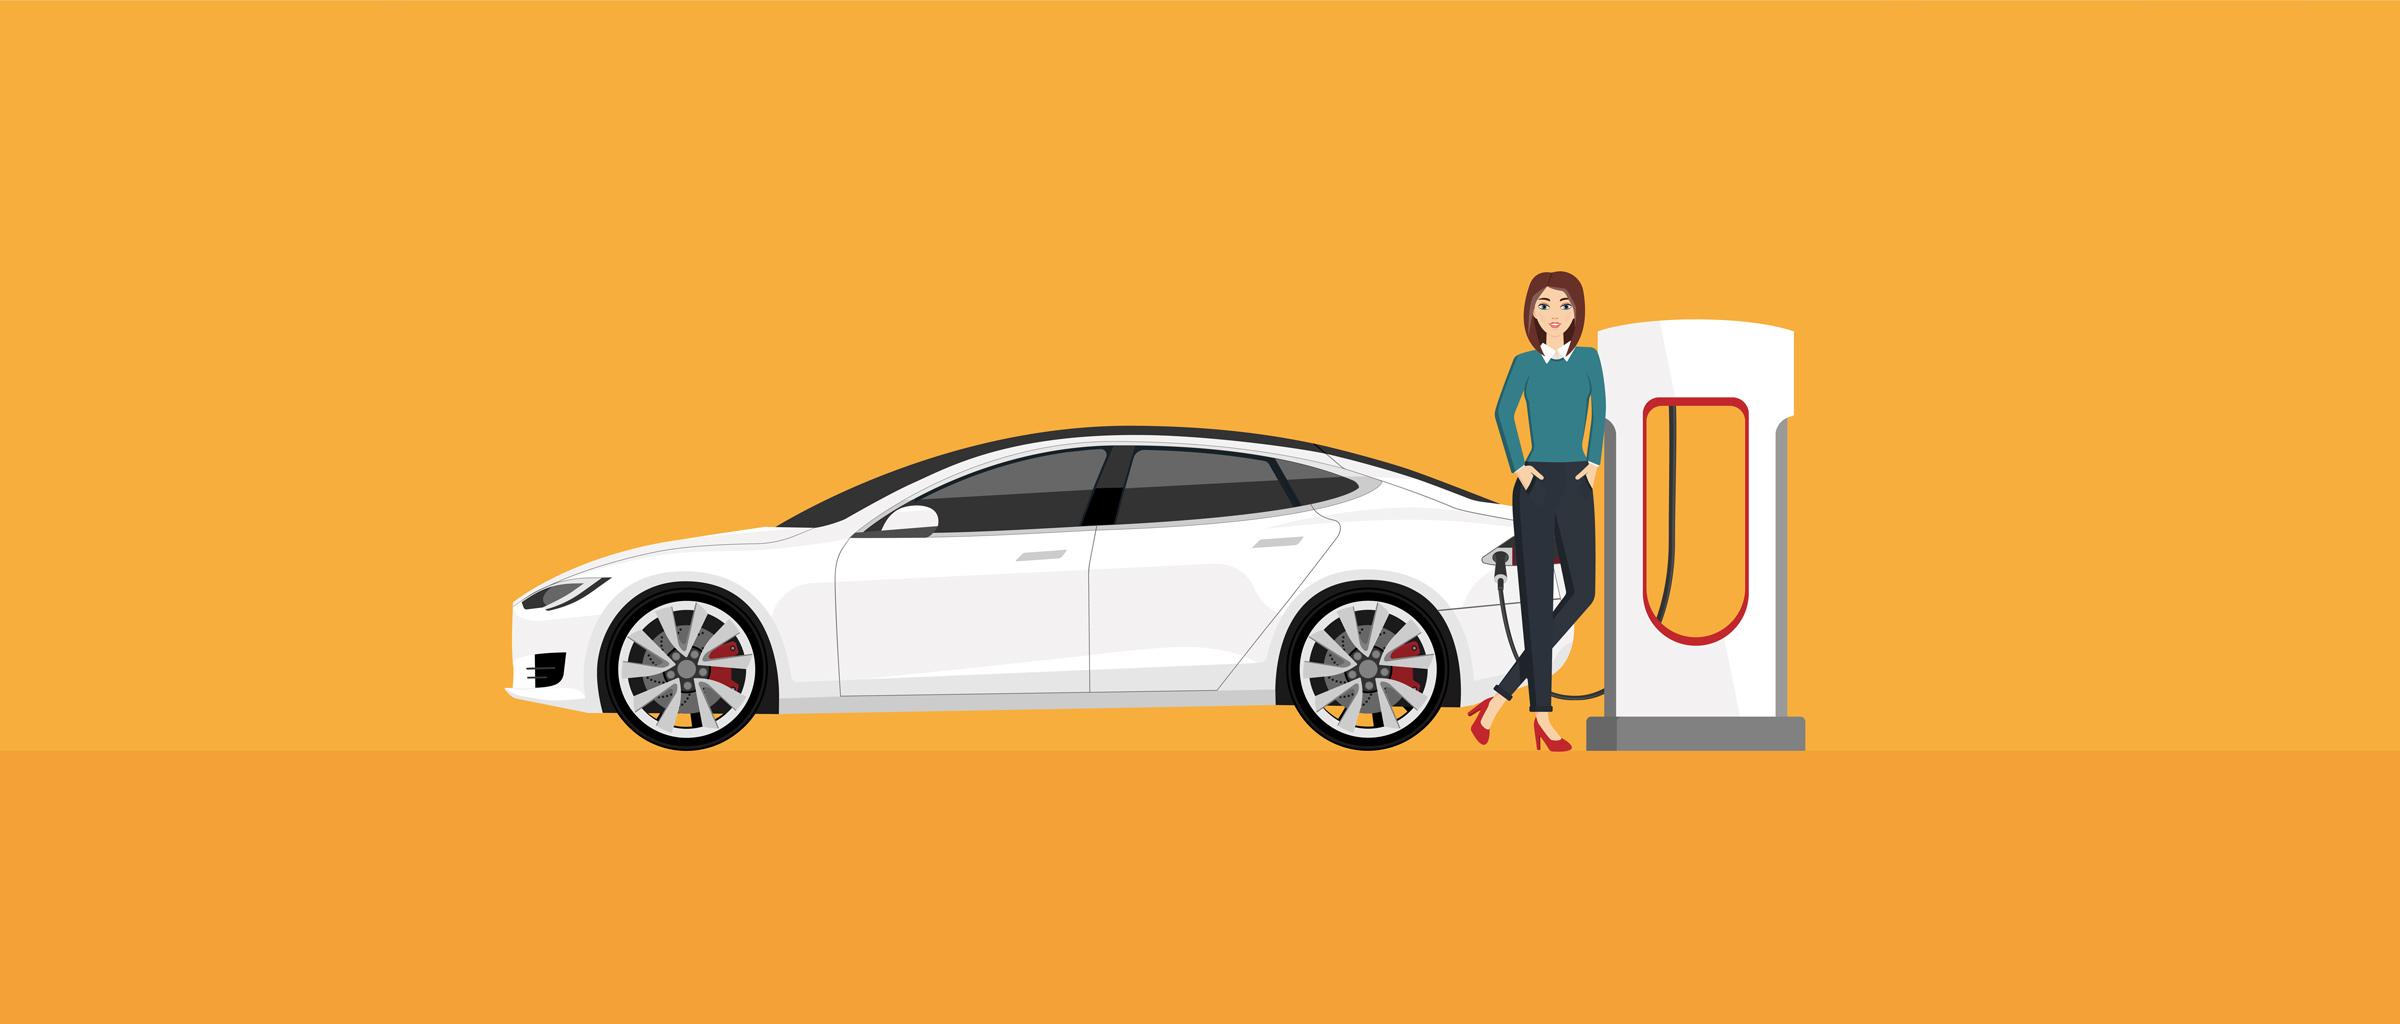 Car Sharing Seefycar